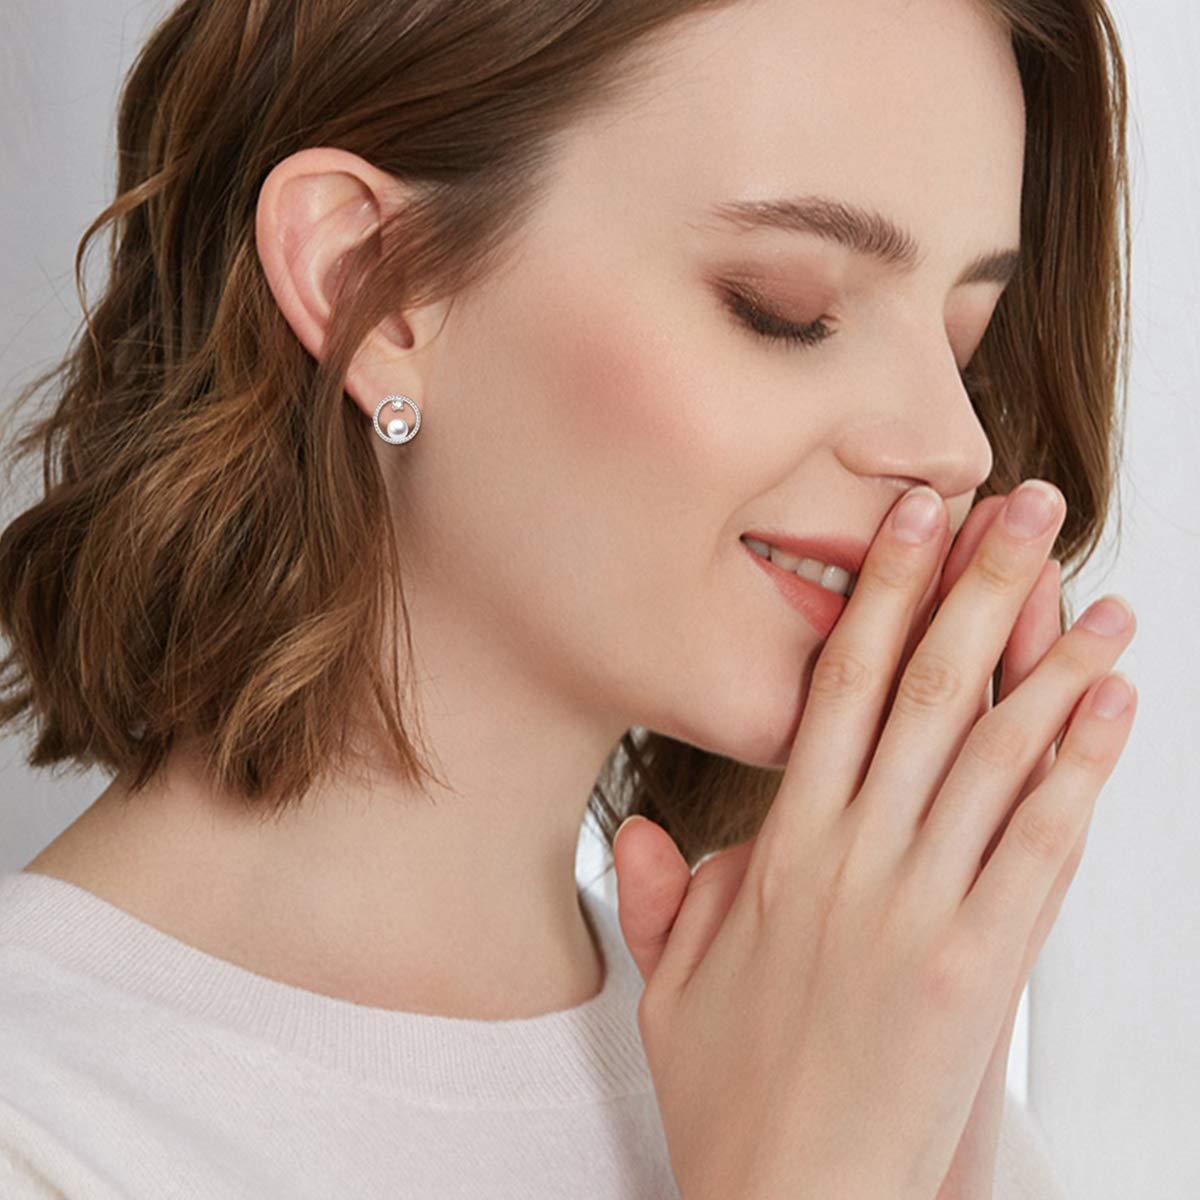 Circle Stud Earrings Sterling Silver Pearl Hoops Rope Circle Ear Studs for Women Girls (Circle Stud Earrings) by POPLYKE (Image #2)